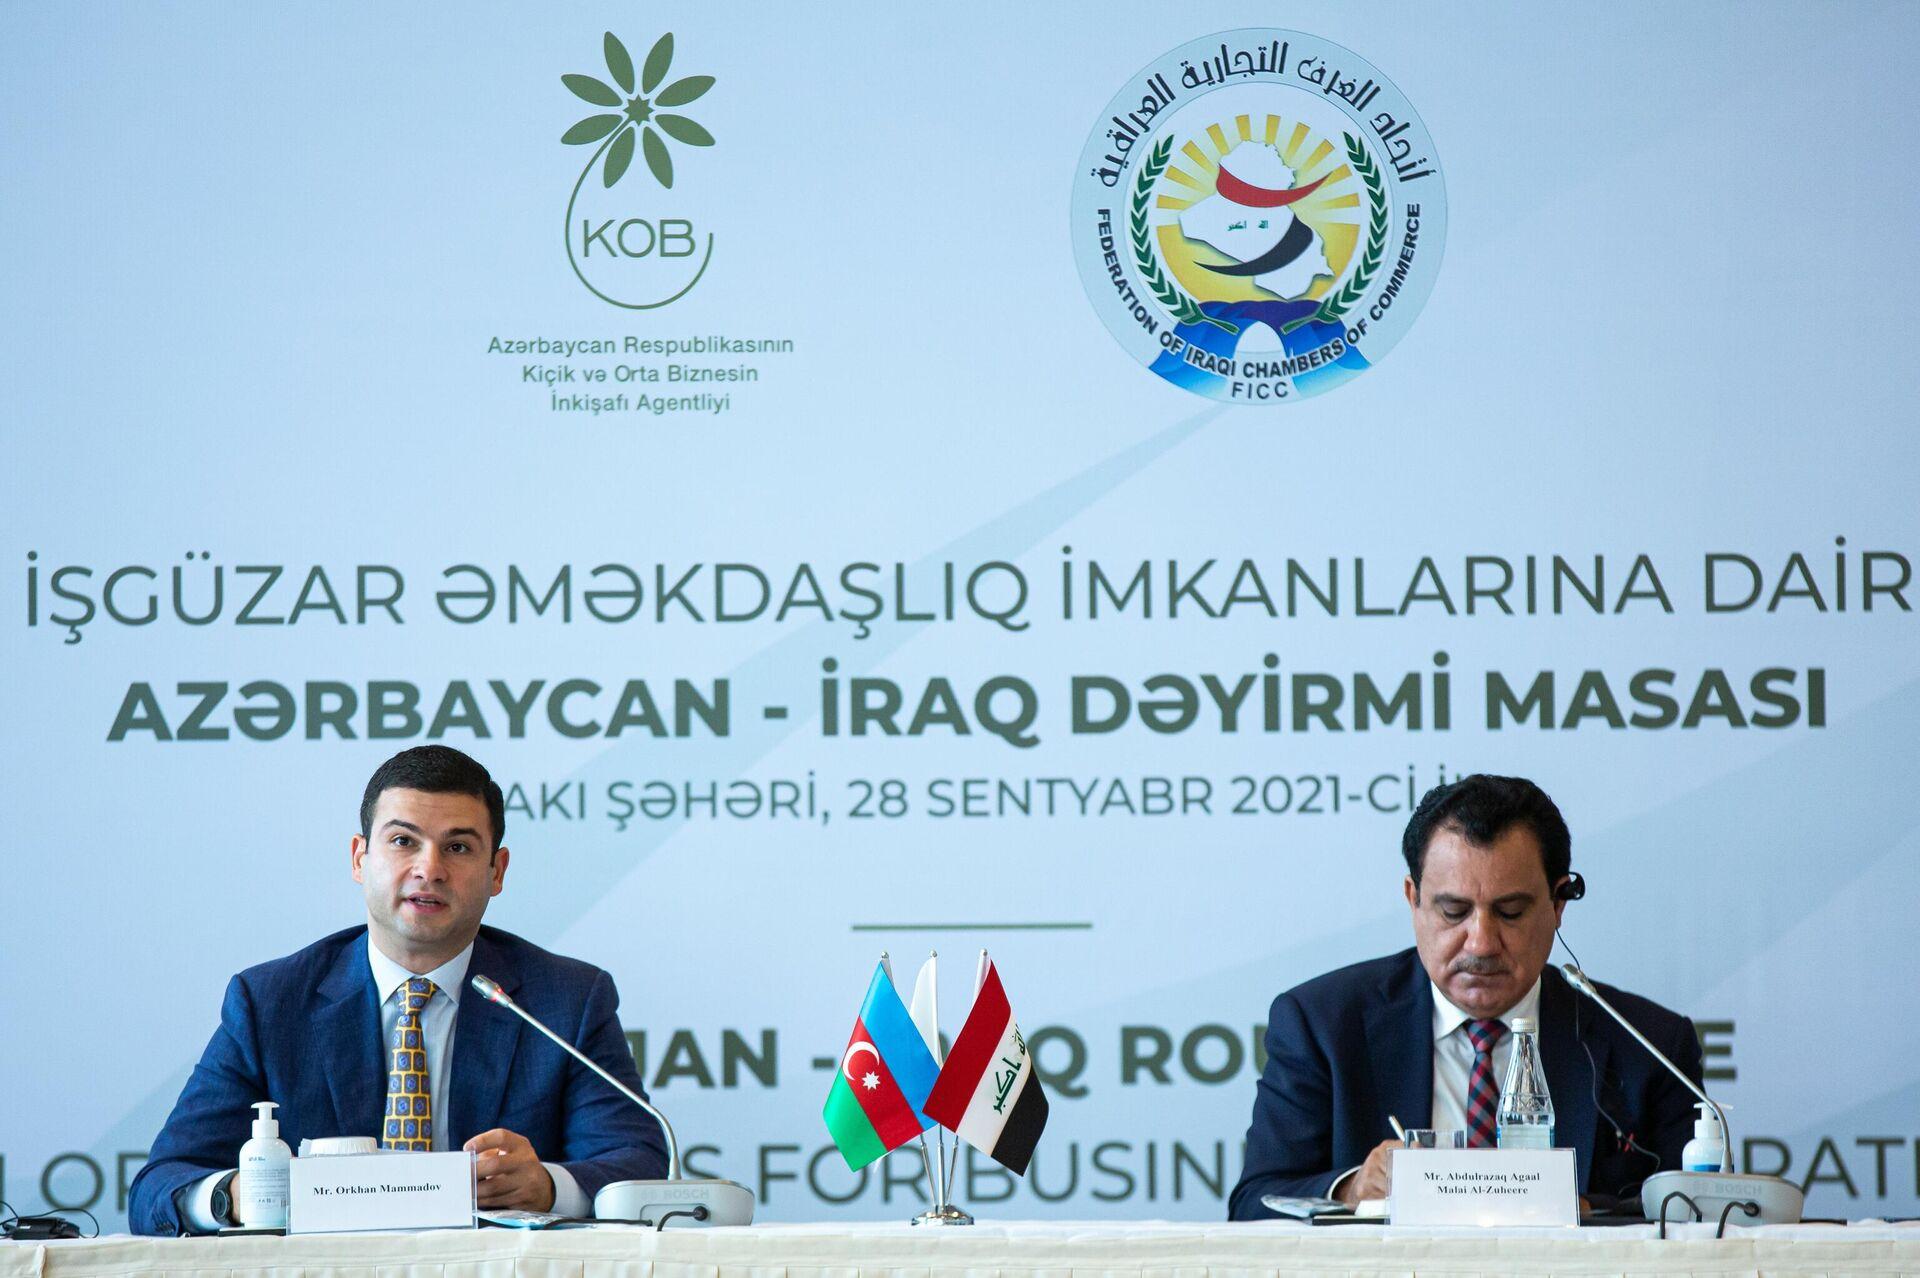 Заседание круглого стола, посвященное развитию делового сотрудничества между Азербайджаном и Ираком - Sputnik Азербайджан, 1920, 28.09.2021